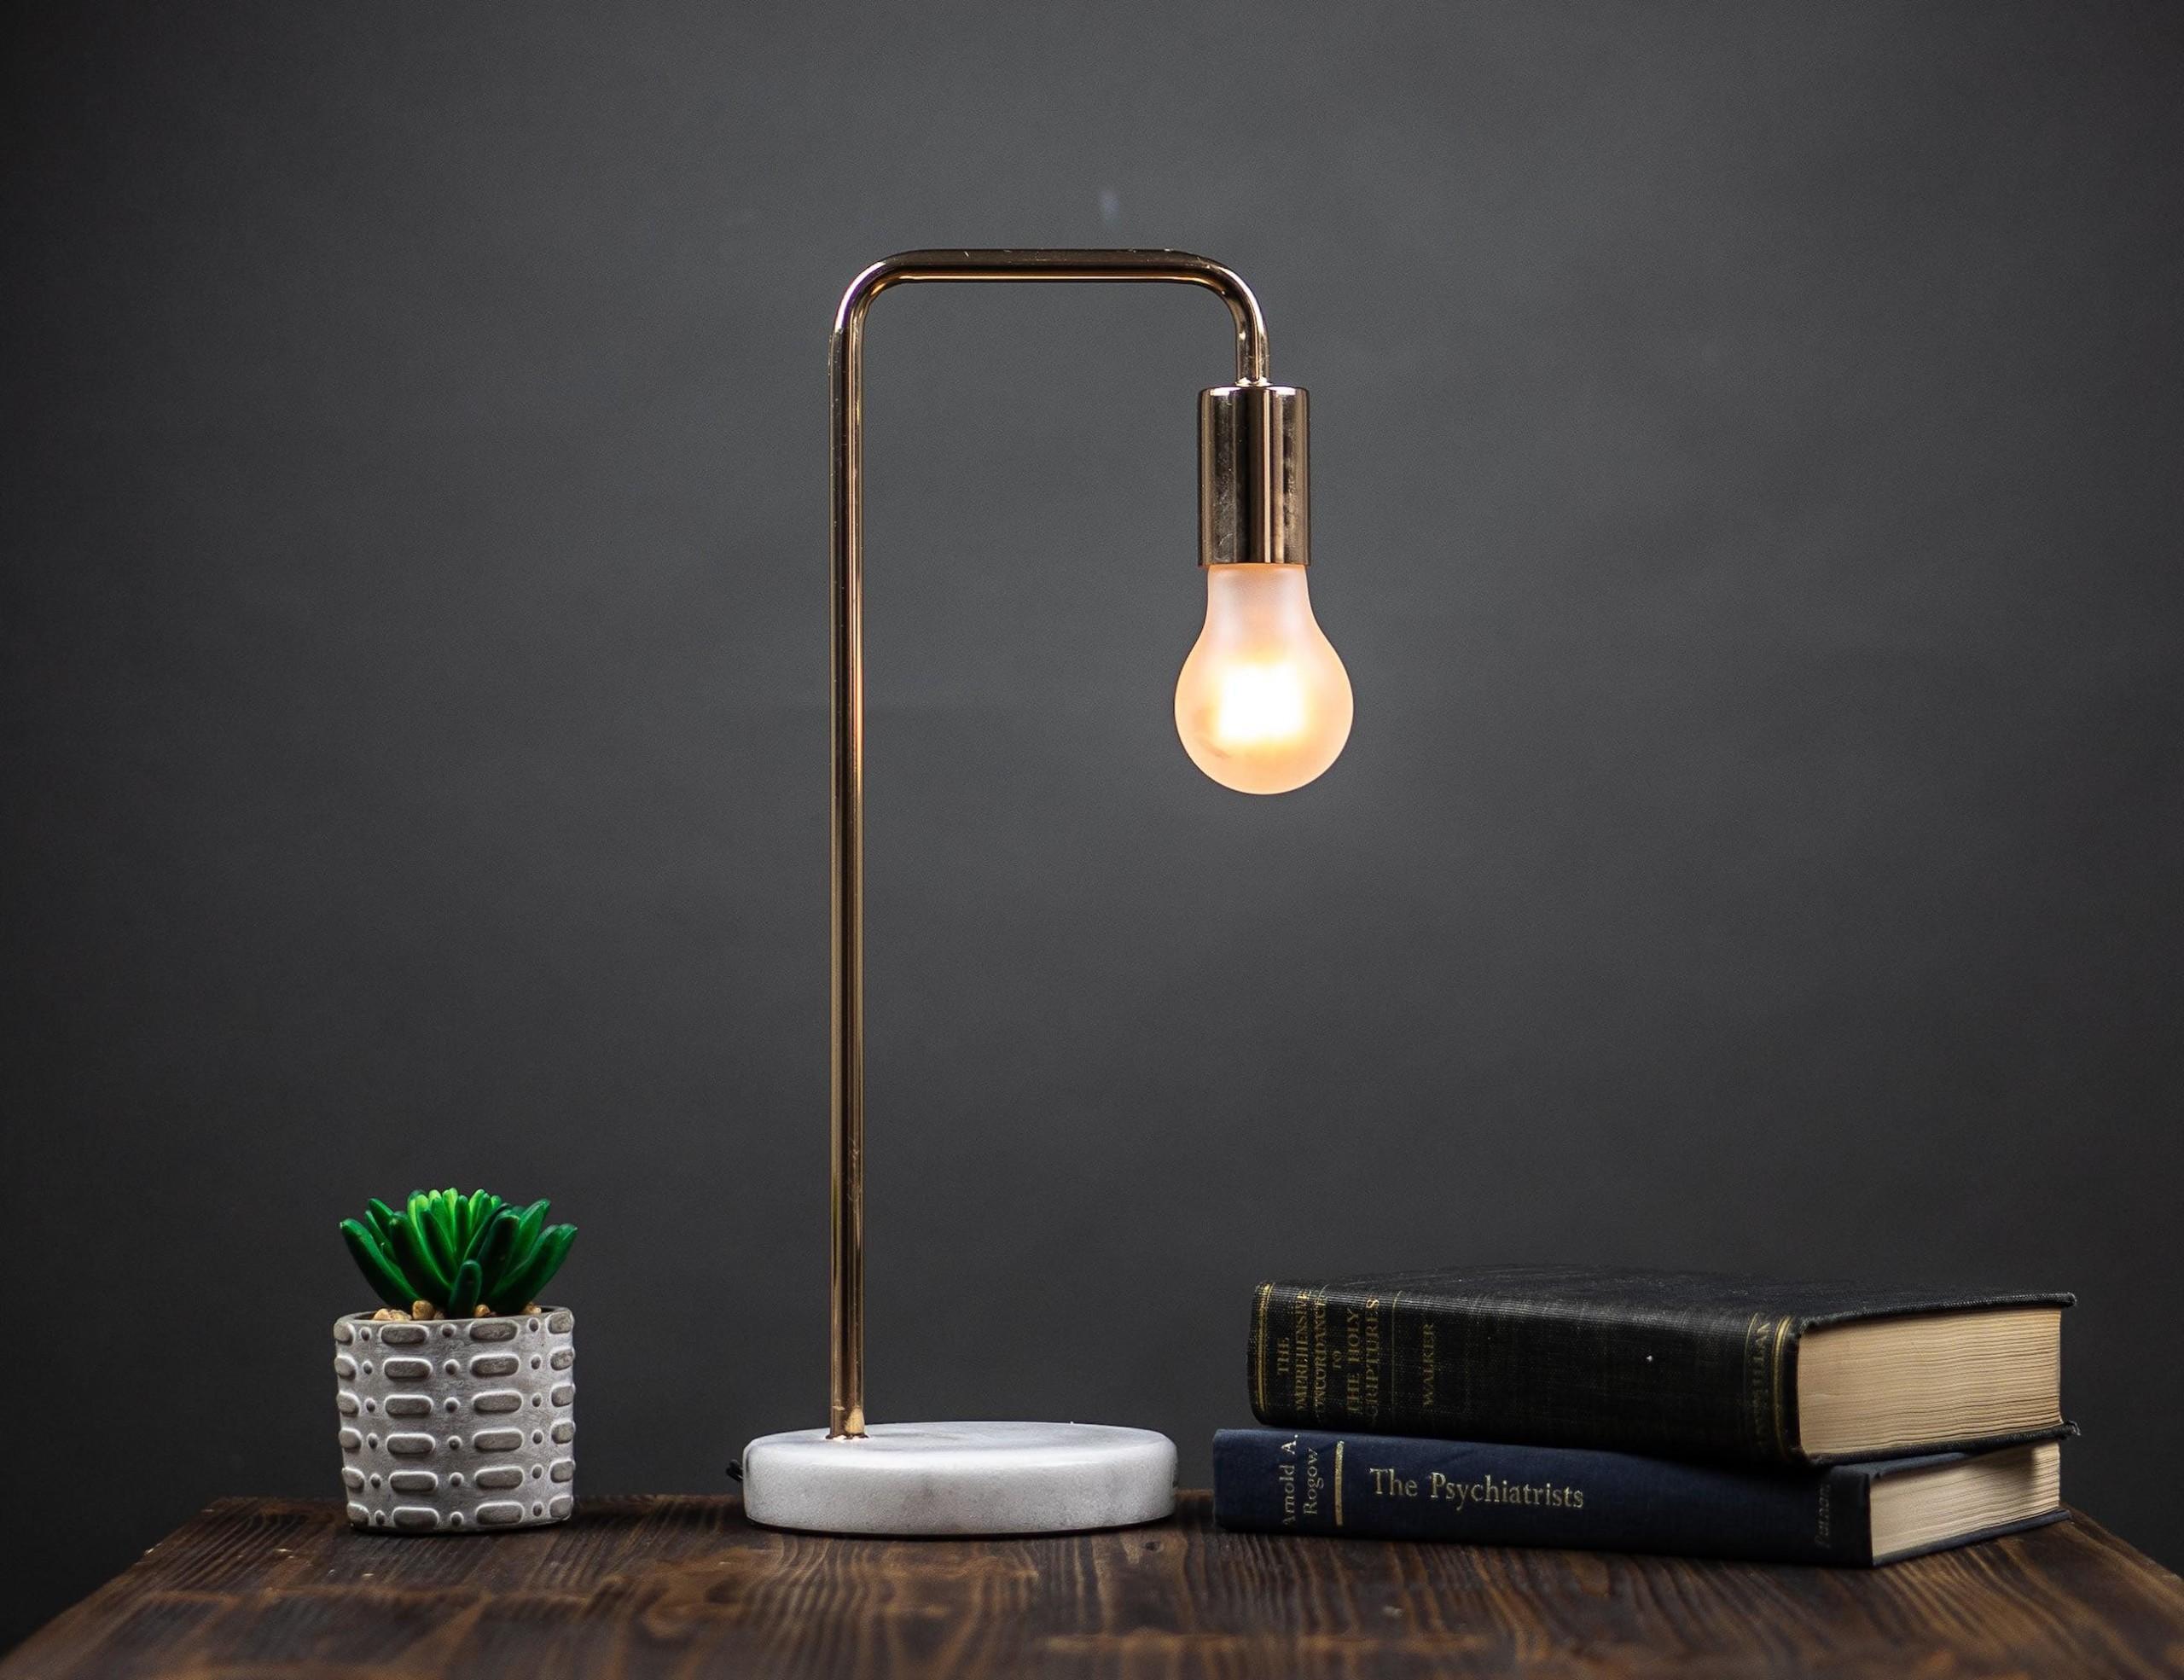 Bedtime Bulb Low-Blue Light Bulb